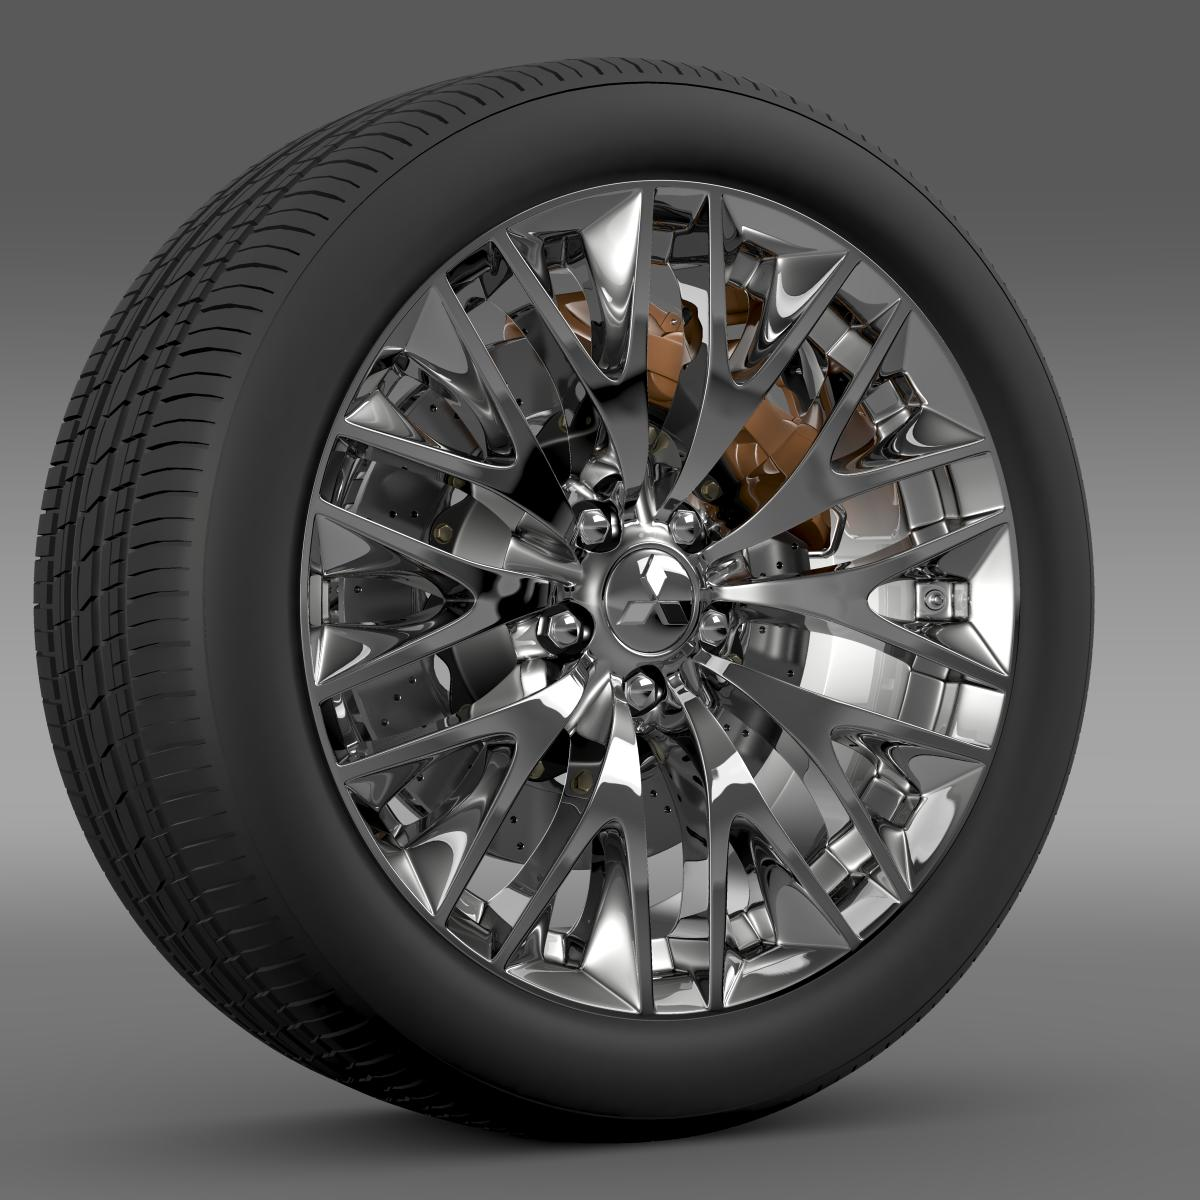 mitsubishi dignity wheel 3d model 3ds max fbx c4d lwo ma mb hrc xsi obj 210800